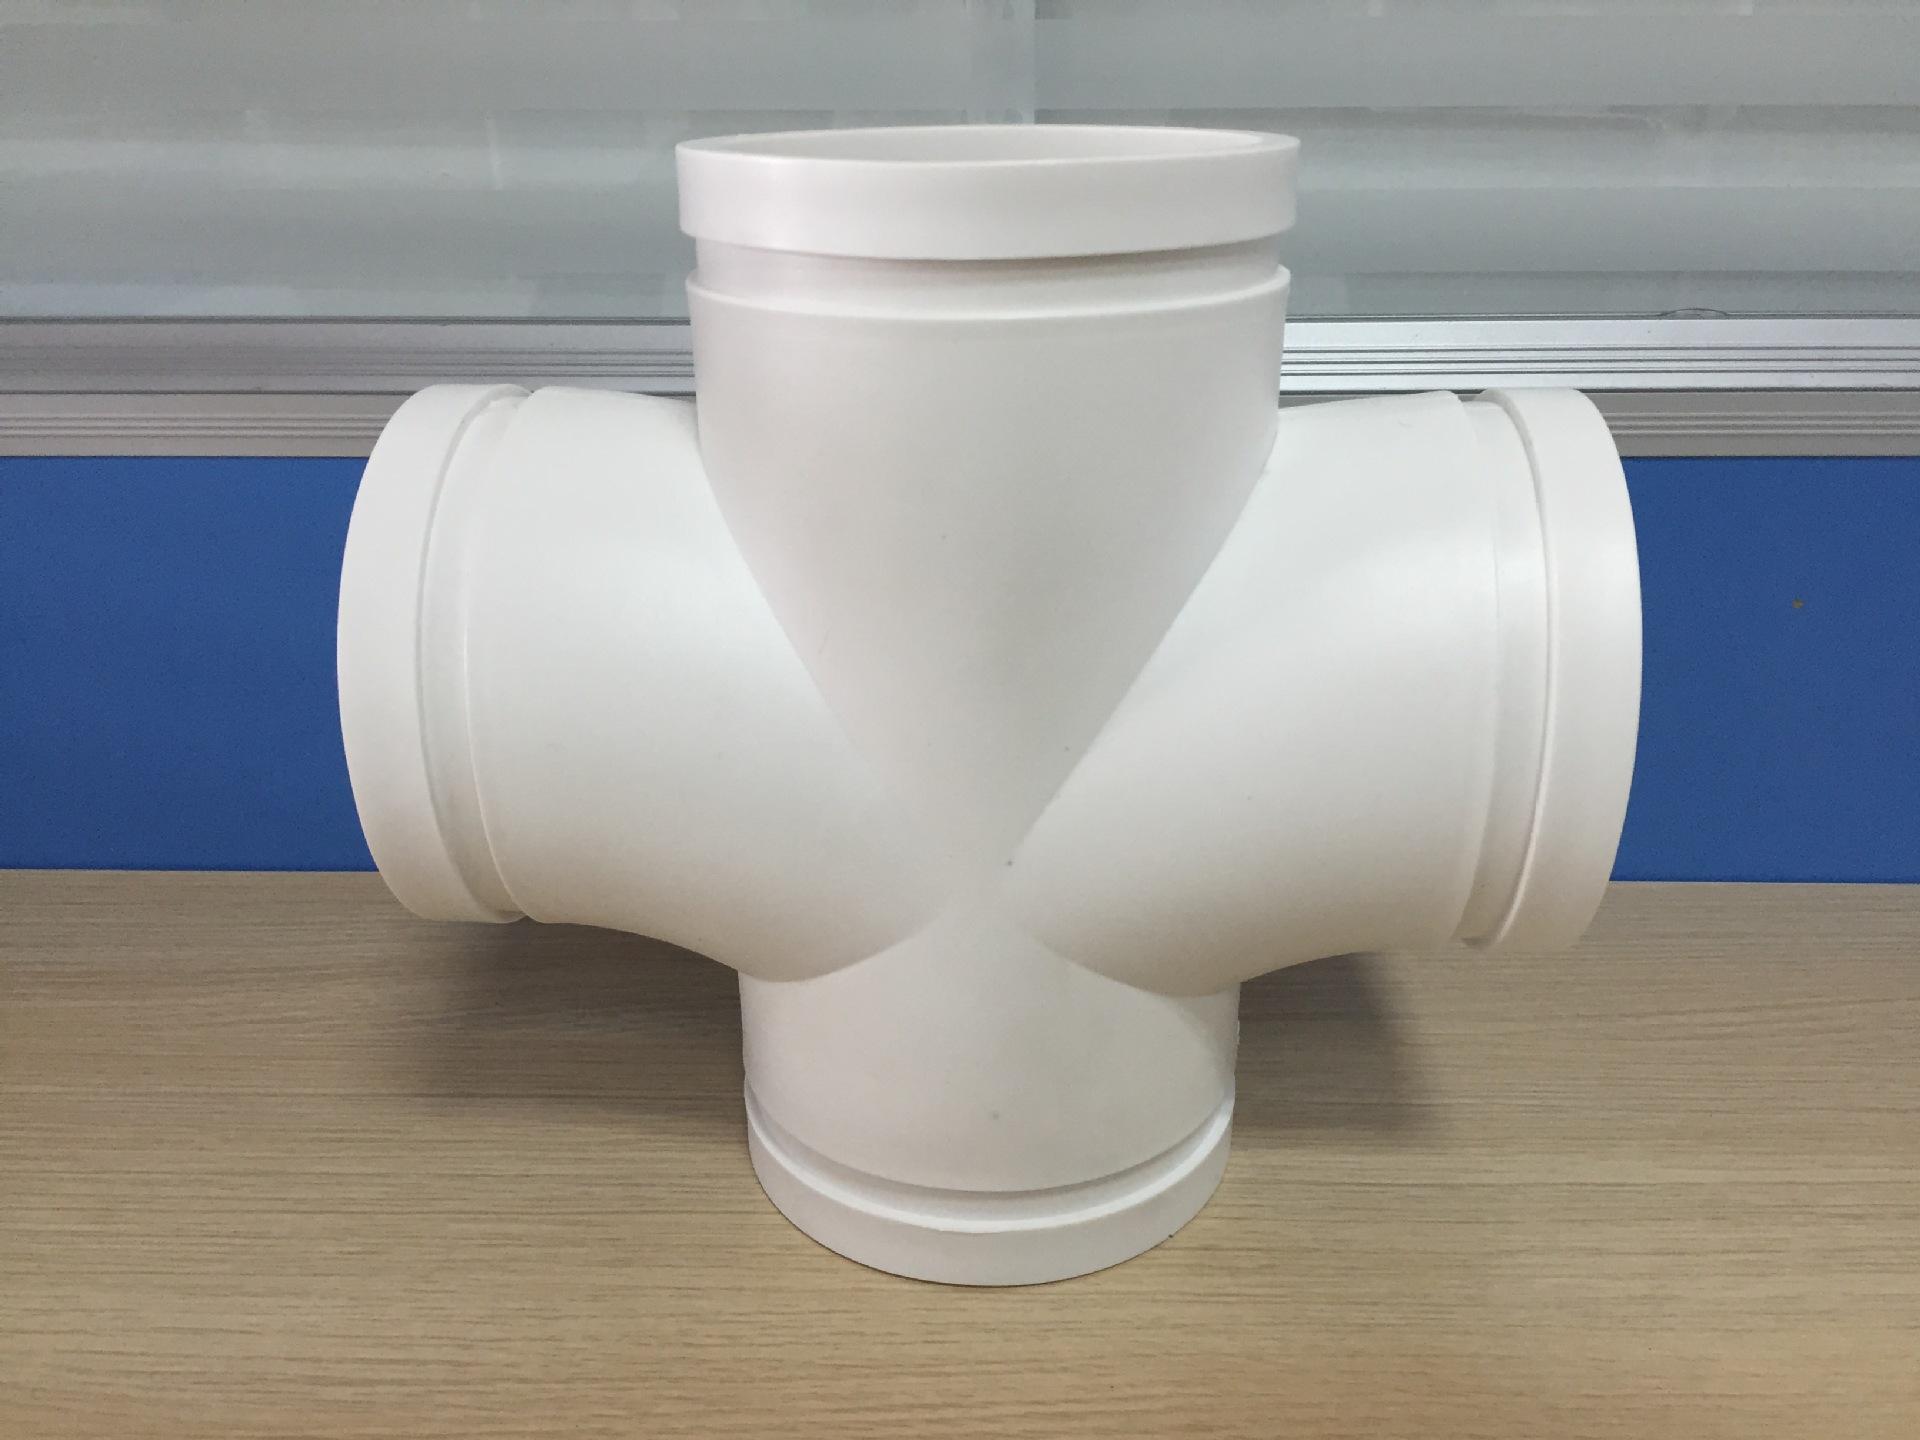 沟槽式HDPE超静音排水管,沟槽式HDPE平面四通,hdpe沟槽管示例图5